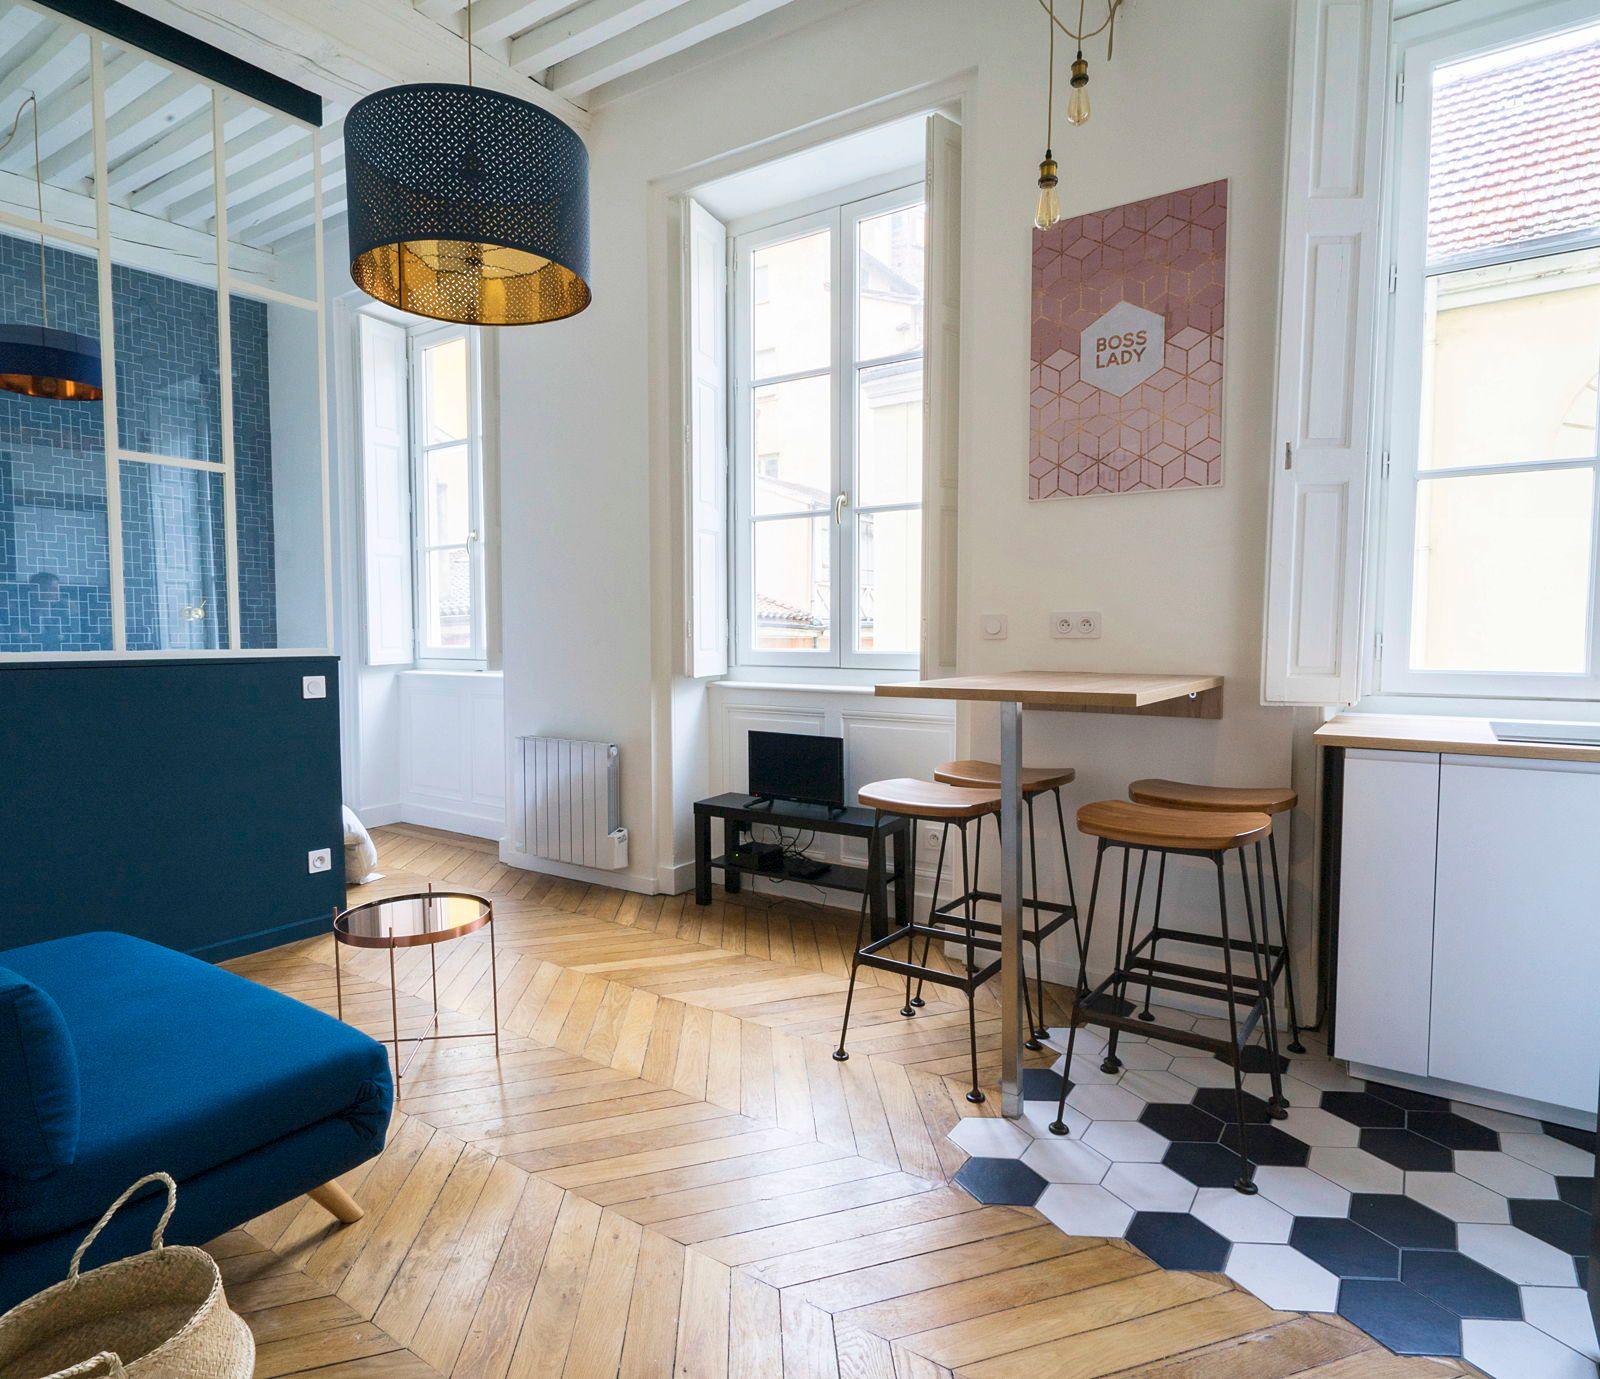 Entreprise générale du bâtiment propose services pour travaux - Lyon (69006)